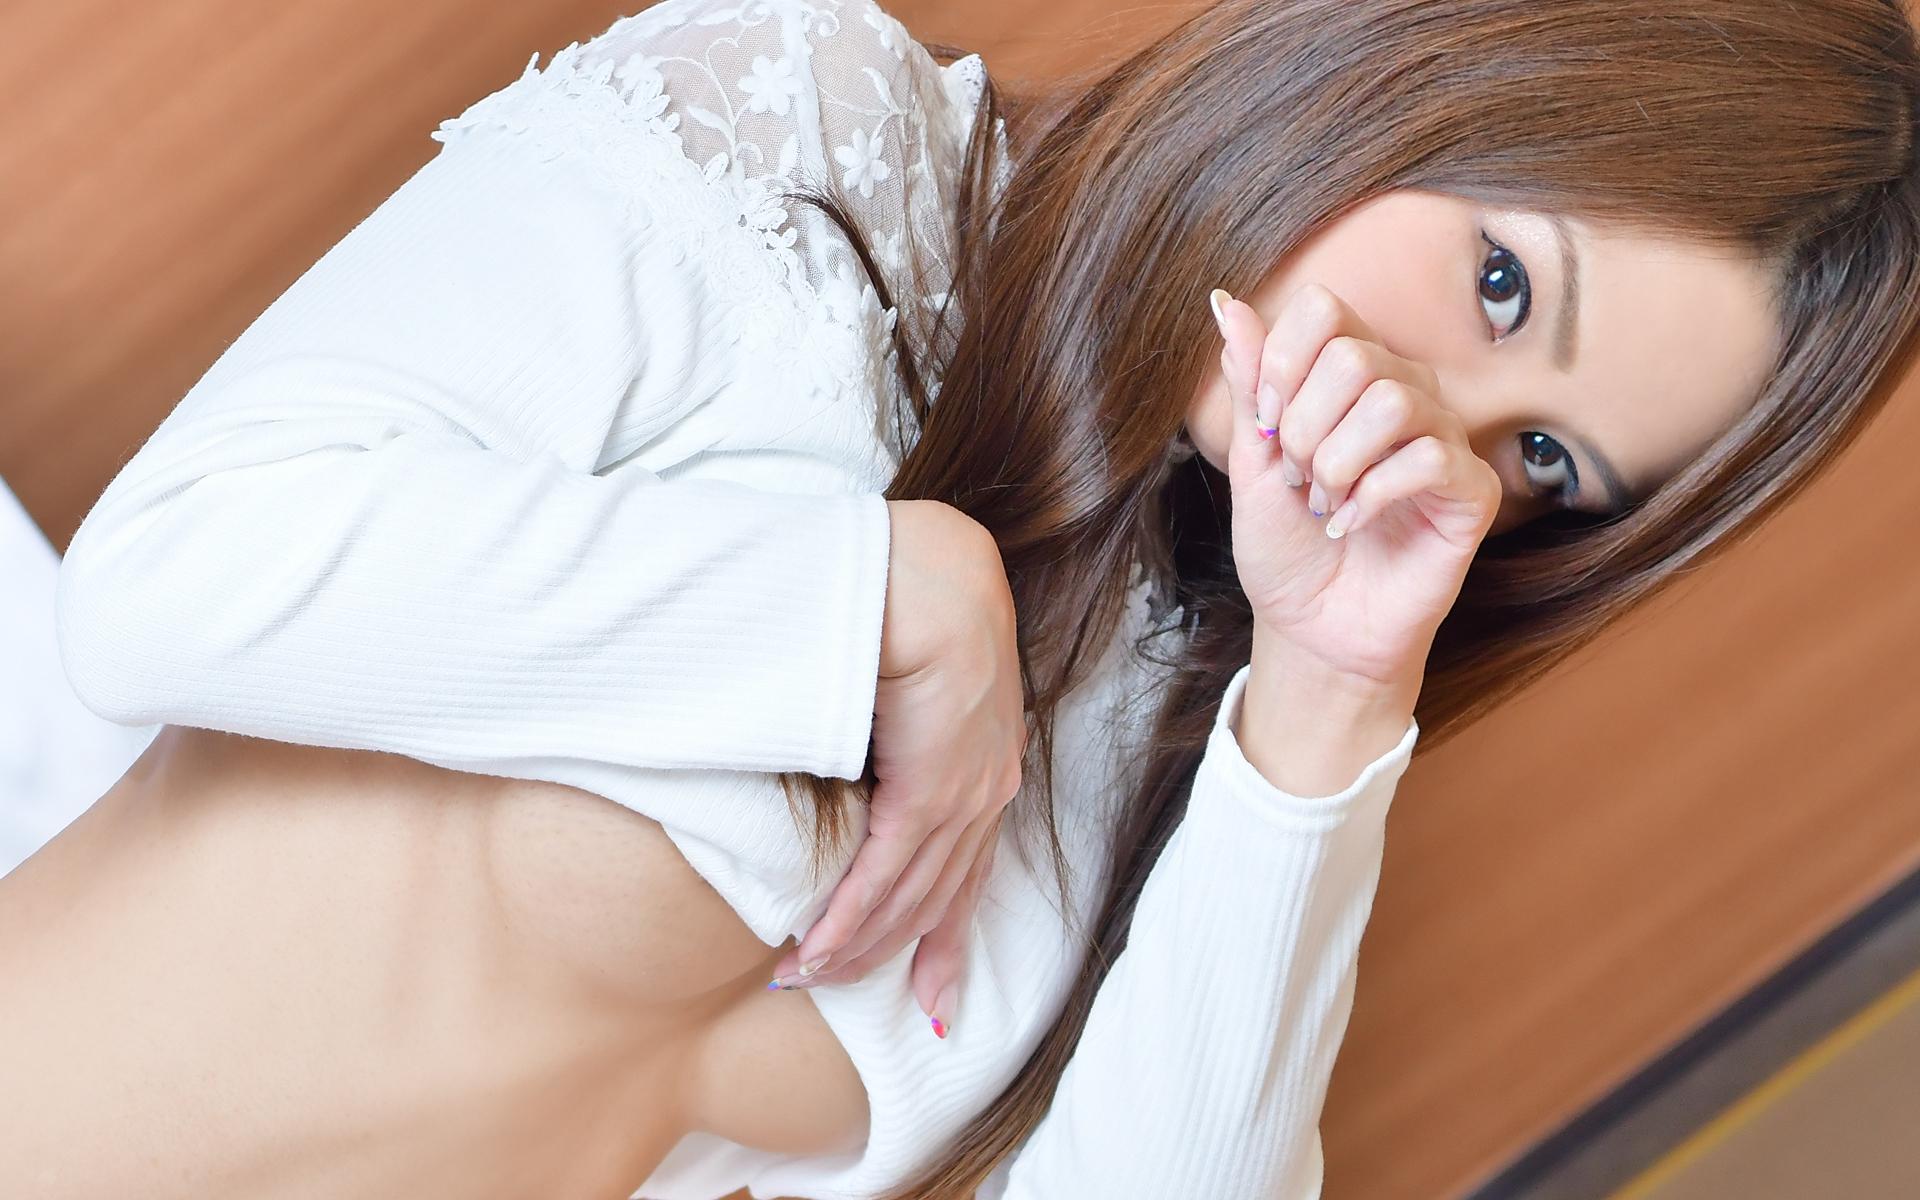 『秘密倶楽部 凛 TOKYO』錦糸町デリヘル 待ち合わせ型 人妻デリバリーヘルスオプションページ